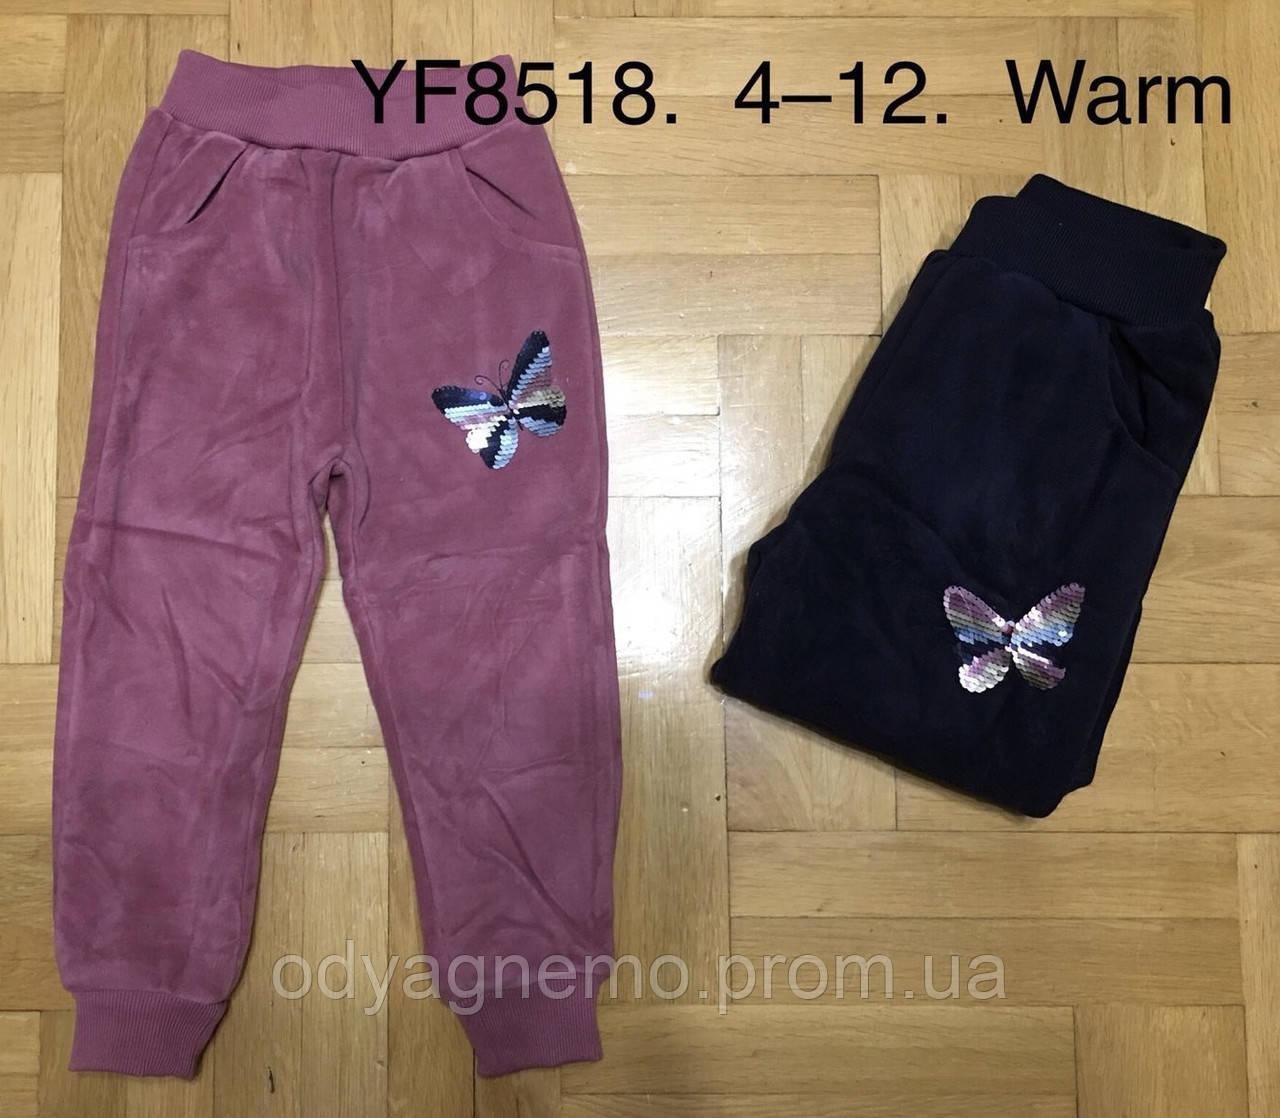 Спортивные велюровые брюки утепленные для девочек F&D оптом, 4-12 лет. Артикул: YF8518